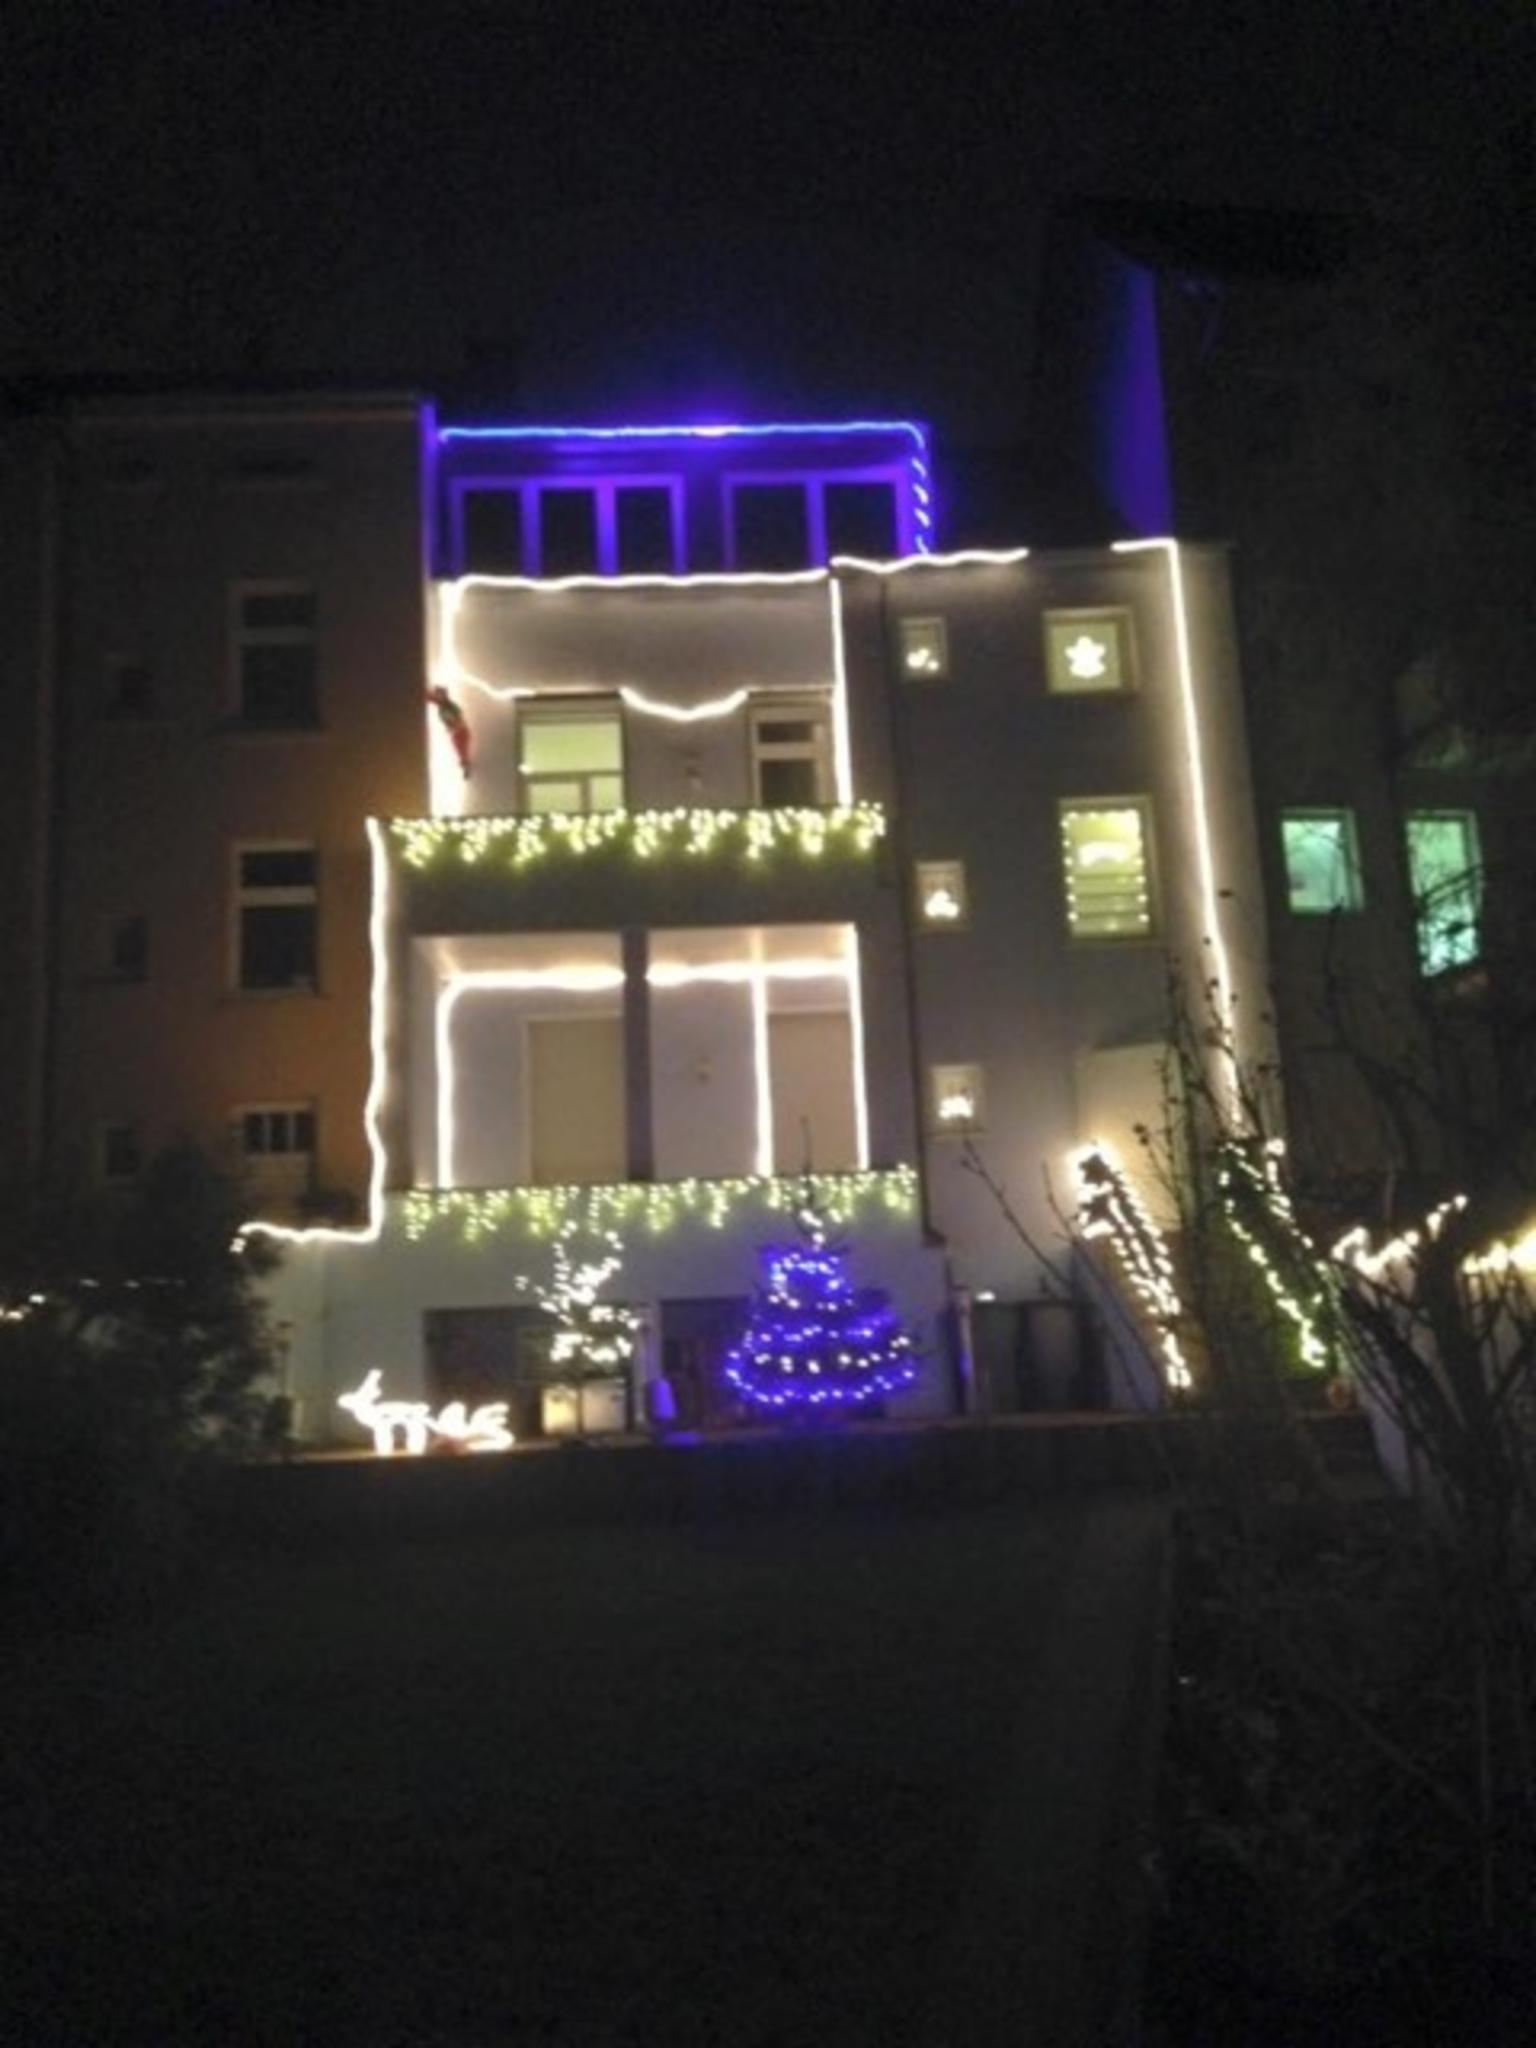 Blaue Weihnachtsbeleuchtung.Lichtwochen In Frohnhausen Weihnachtsbeleuchtung Bringt Geschenke